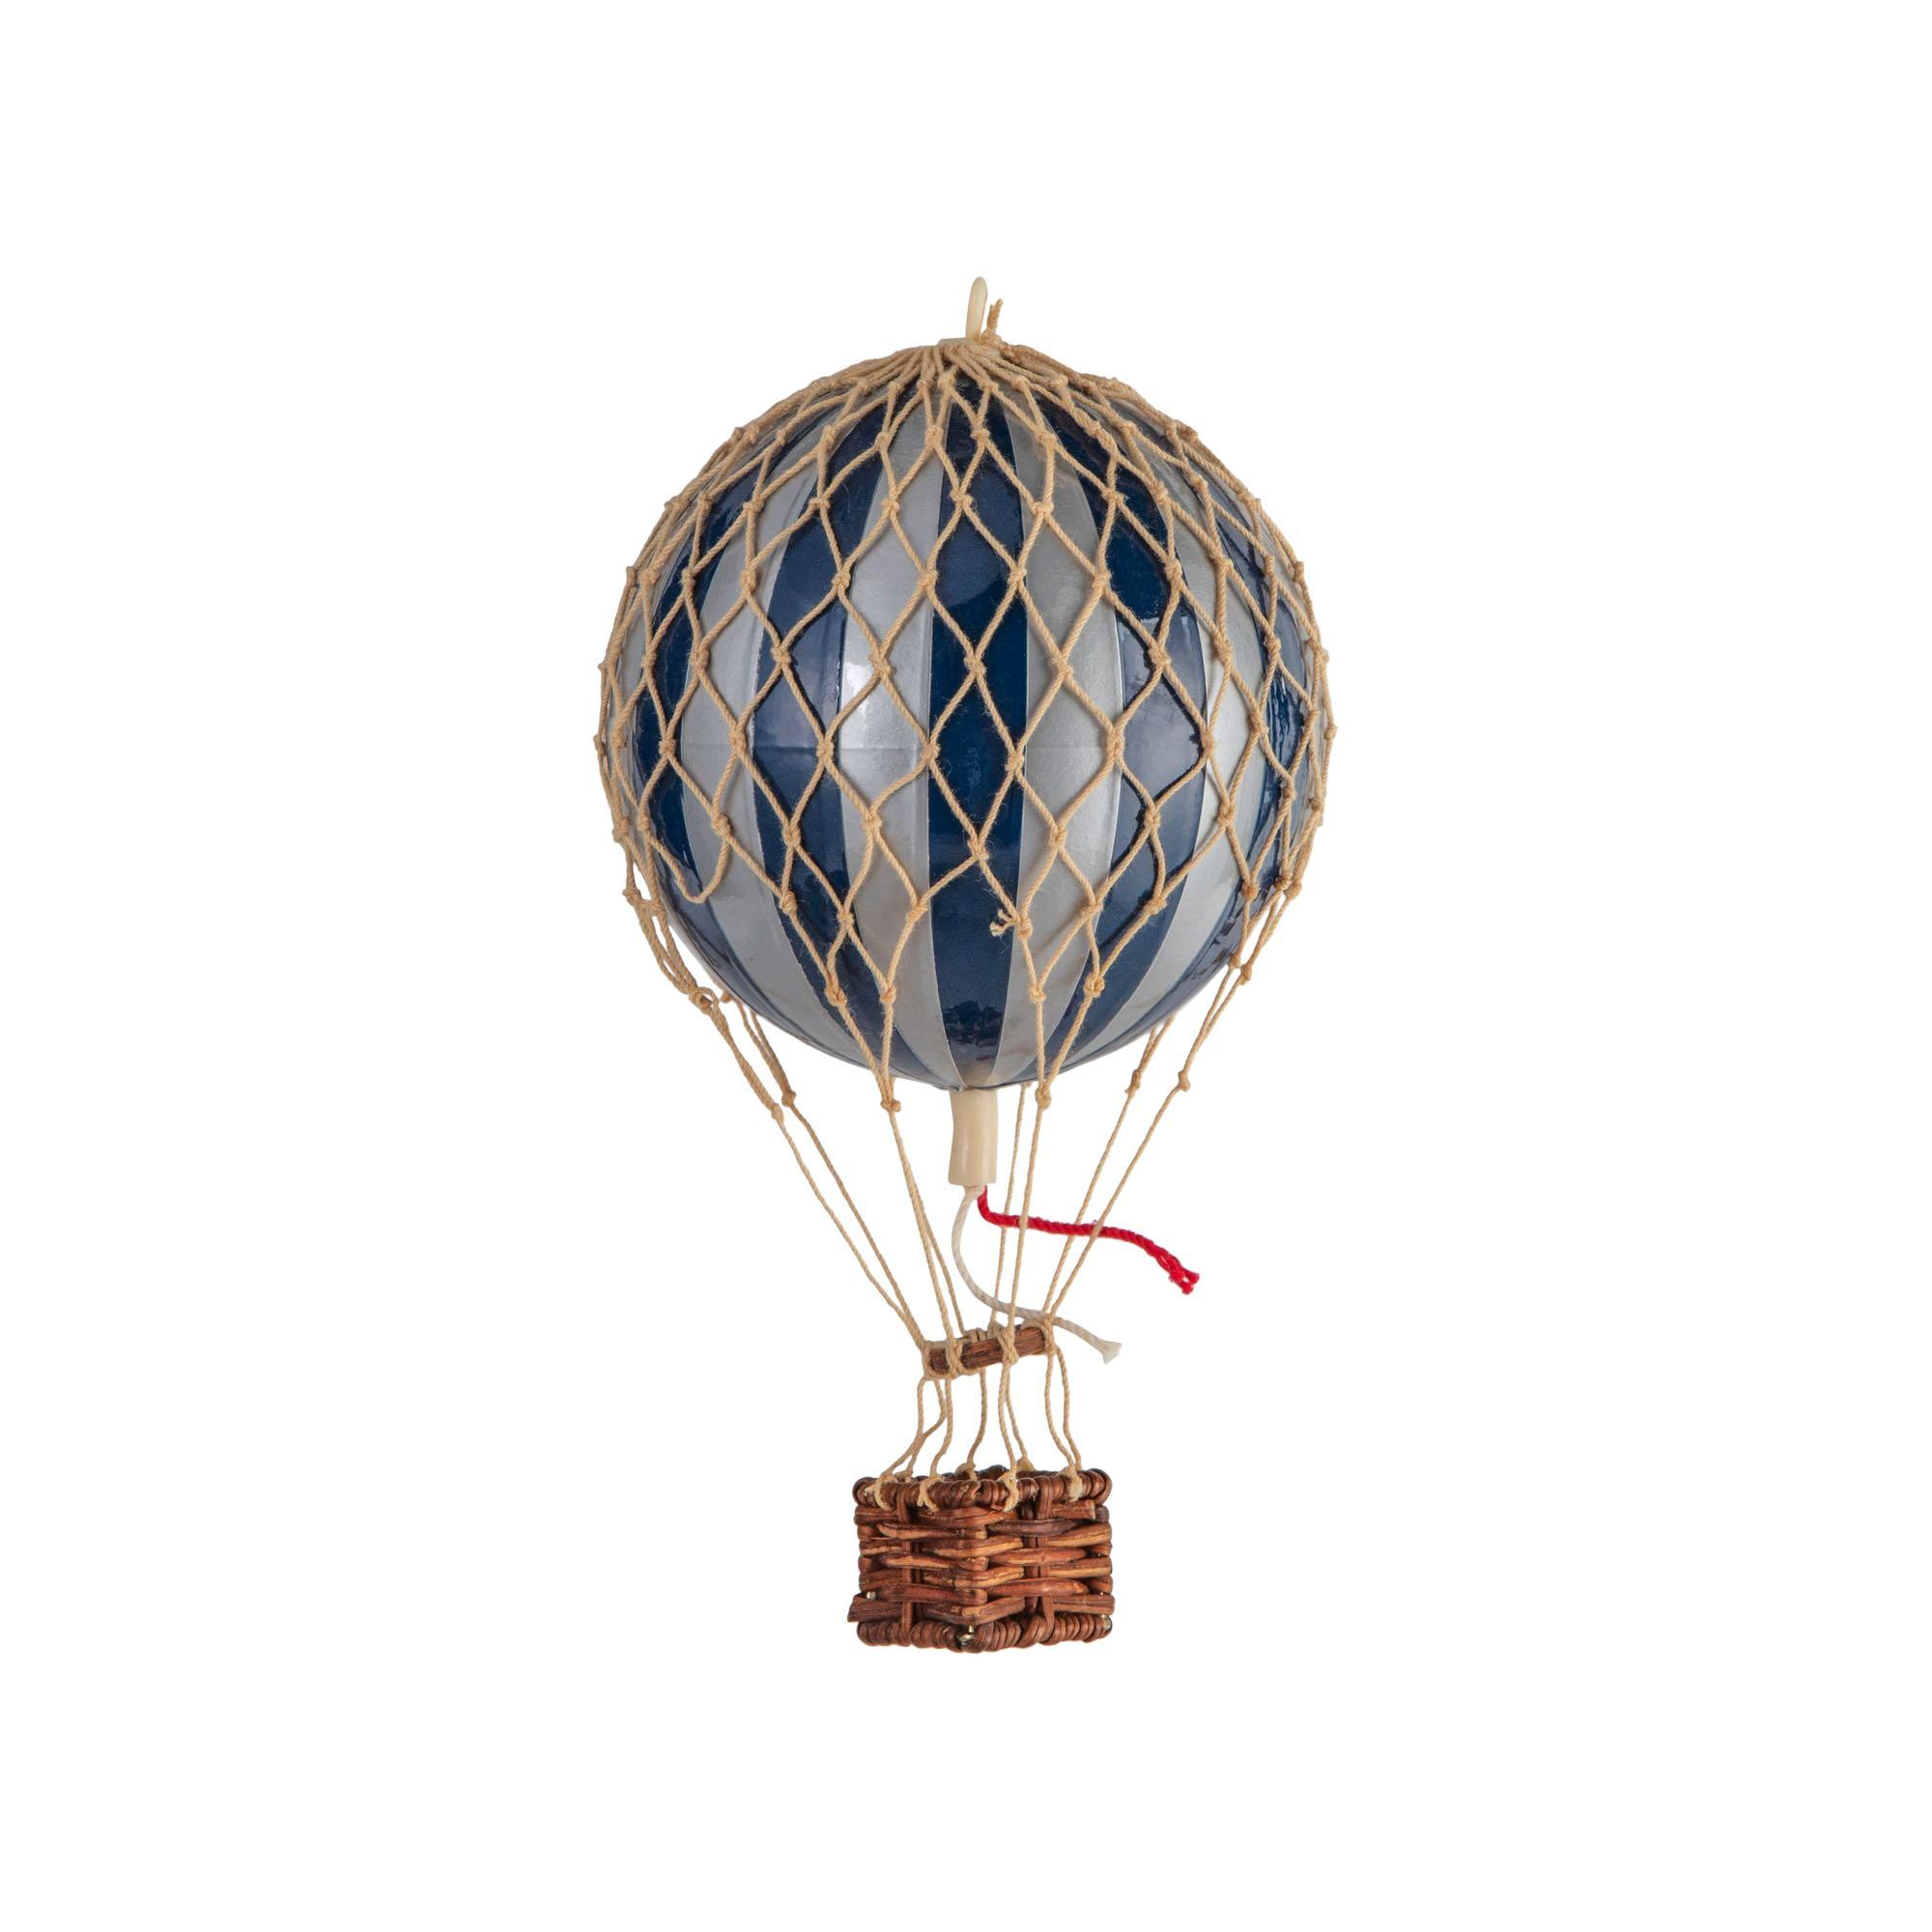 כדור פורח – כחול-נייבי וכסף